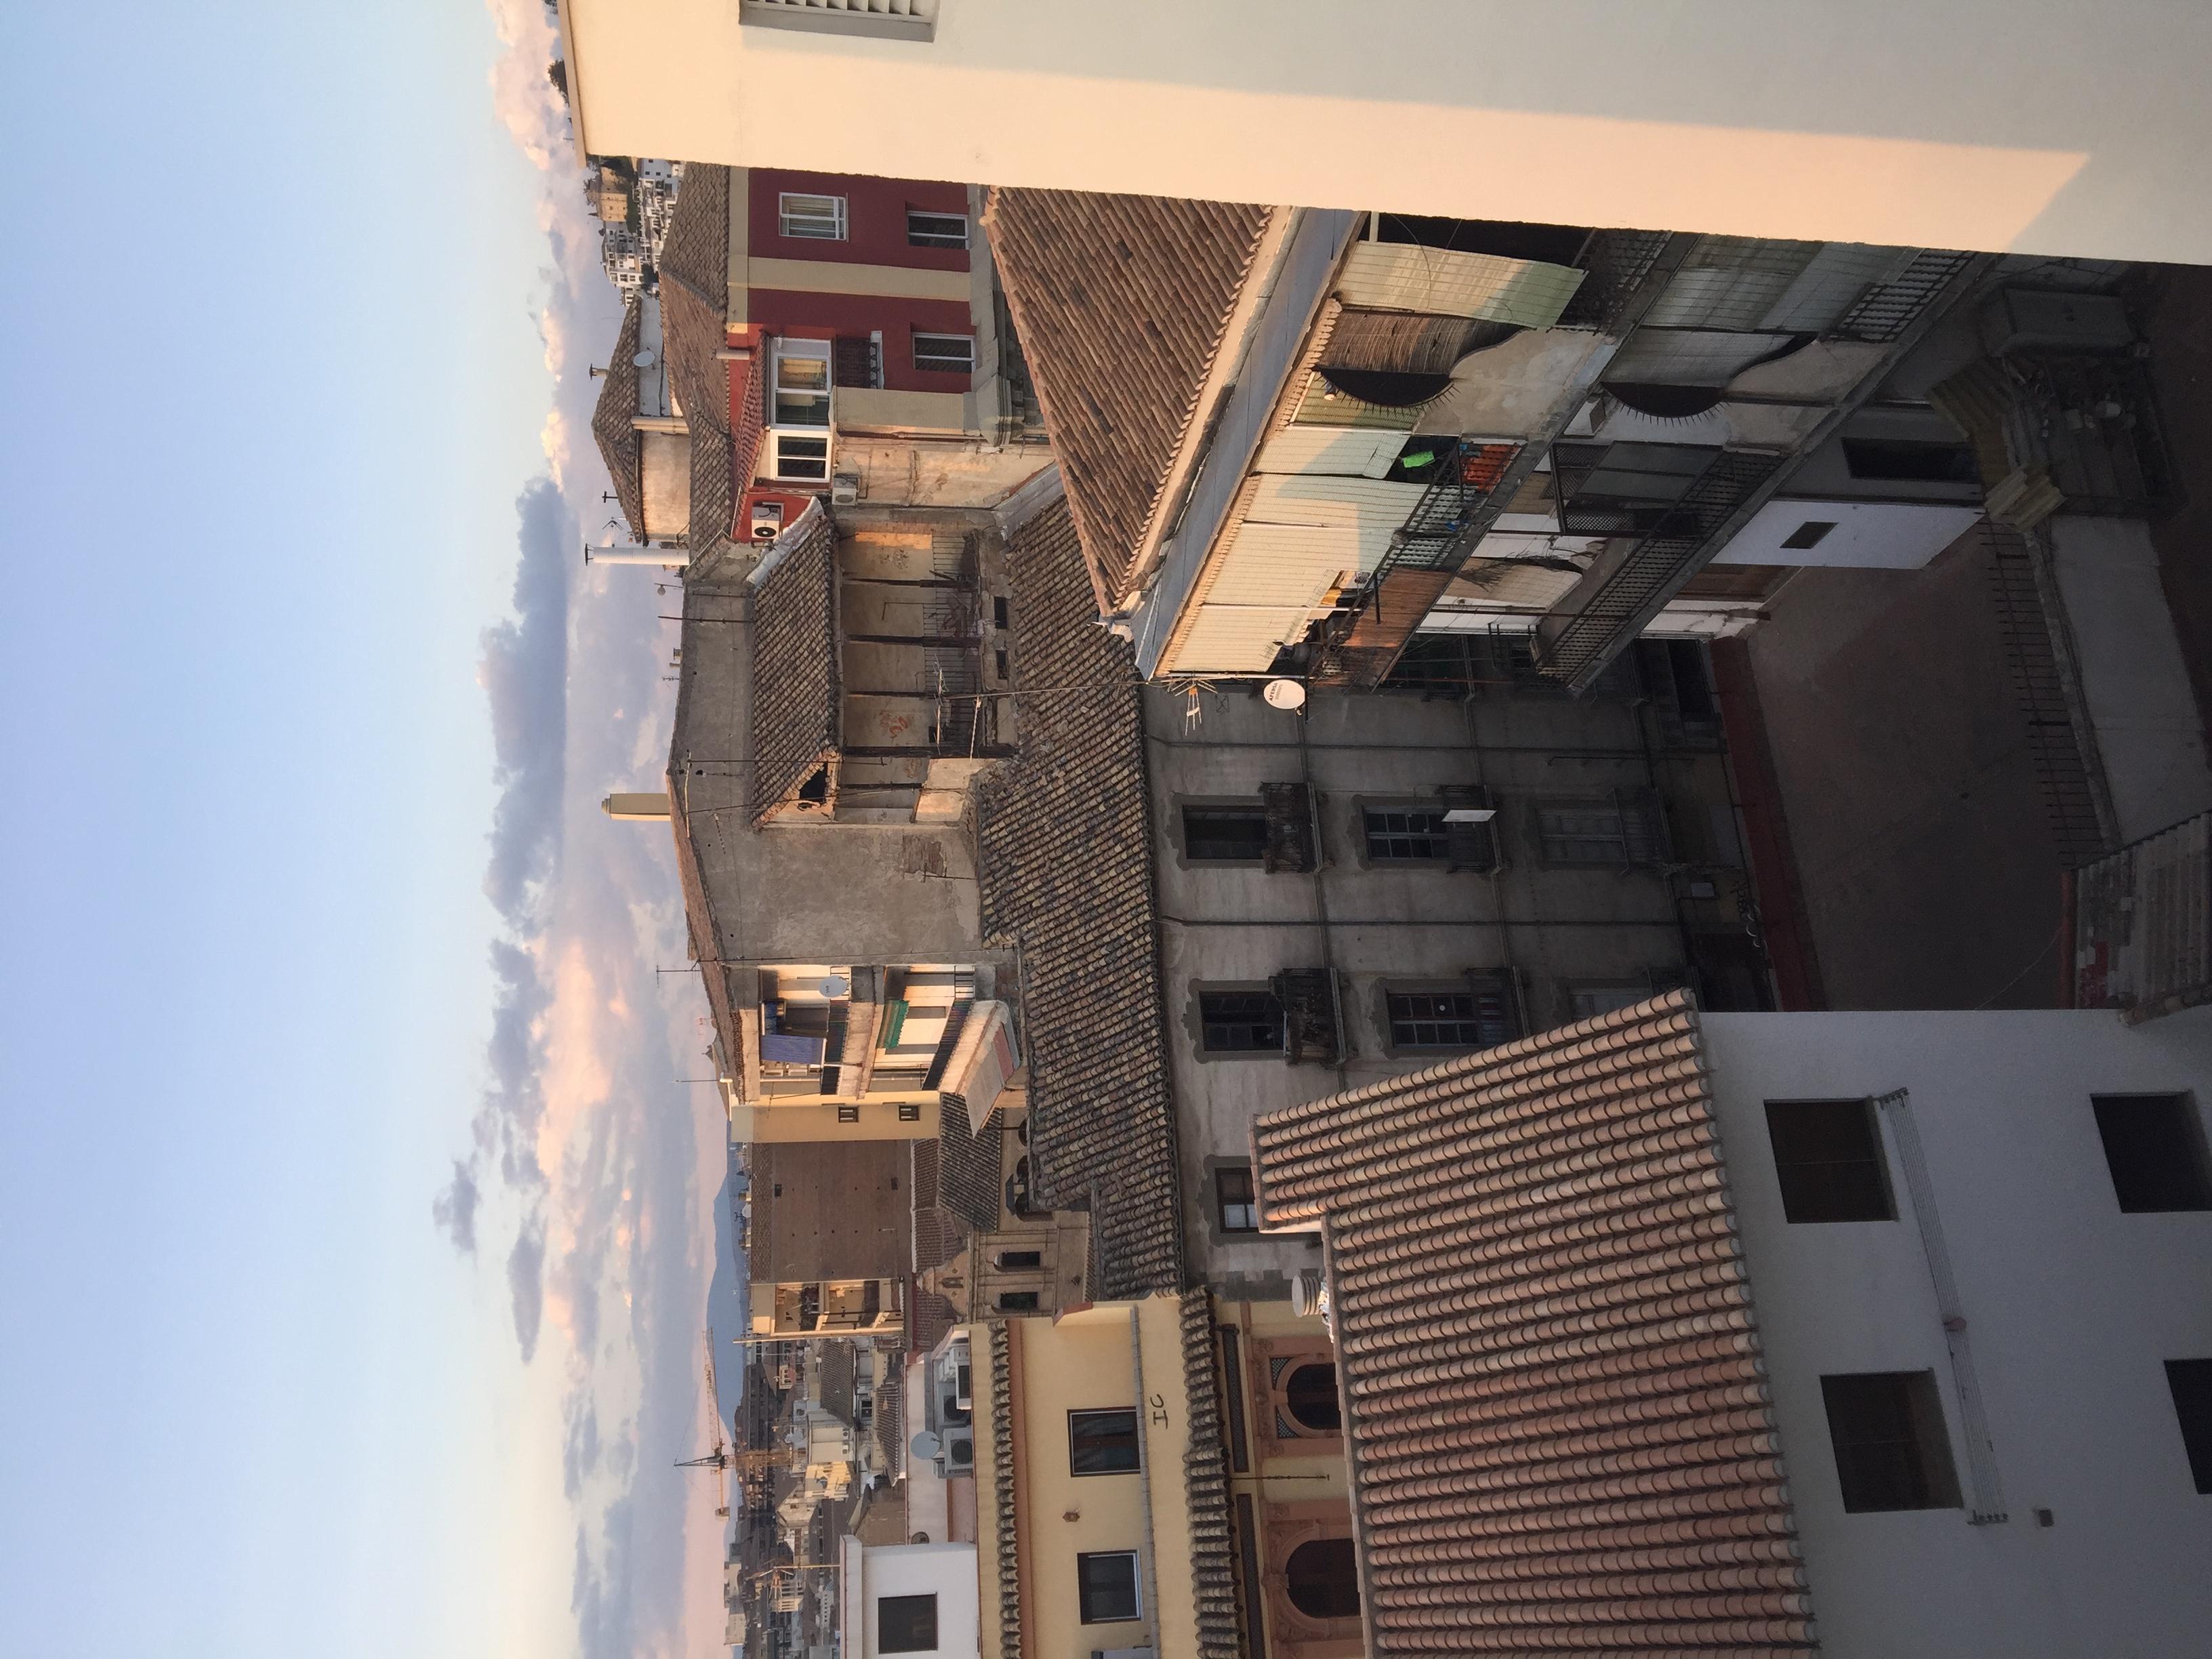 Rooftop view of Granada